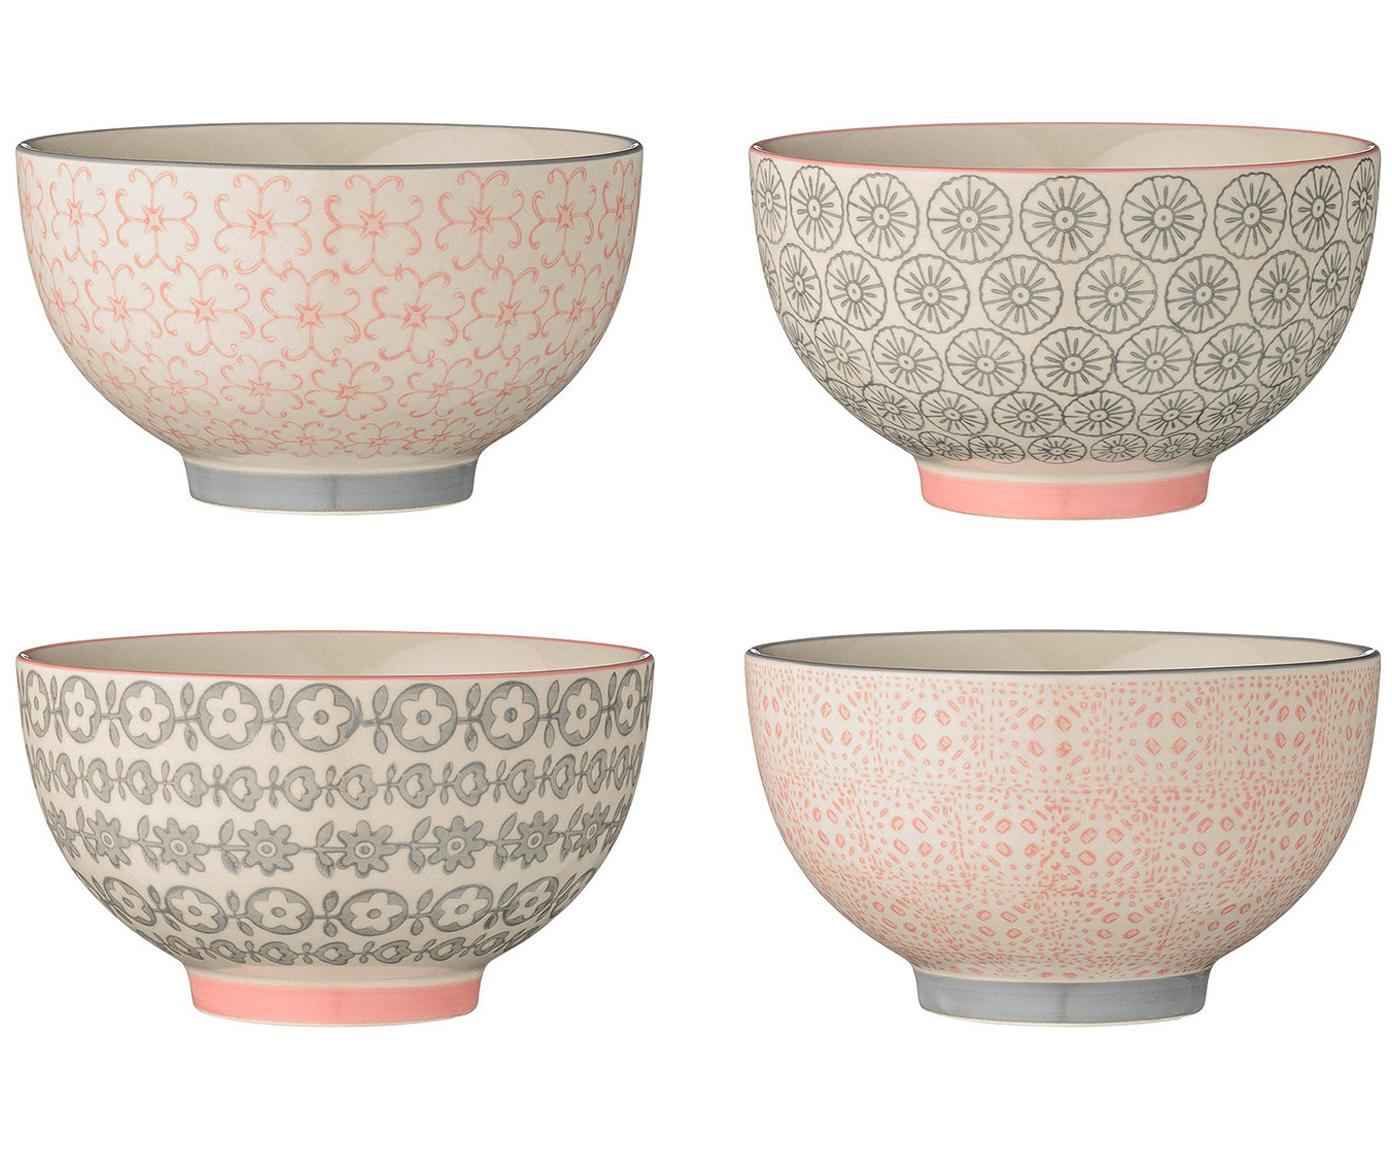 Schälchen-Set Cécile, 4-tlg., Keramik, Rosa, Grau, Beige, Ø 13 x H 8 cm